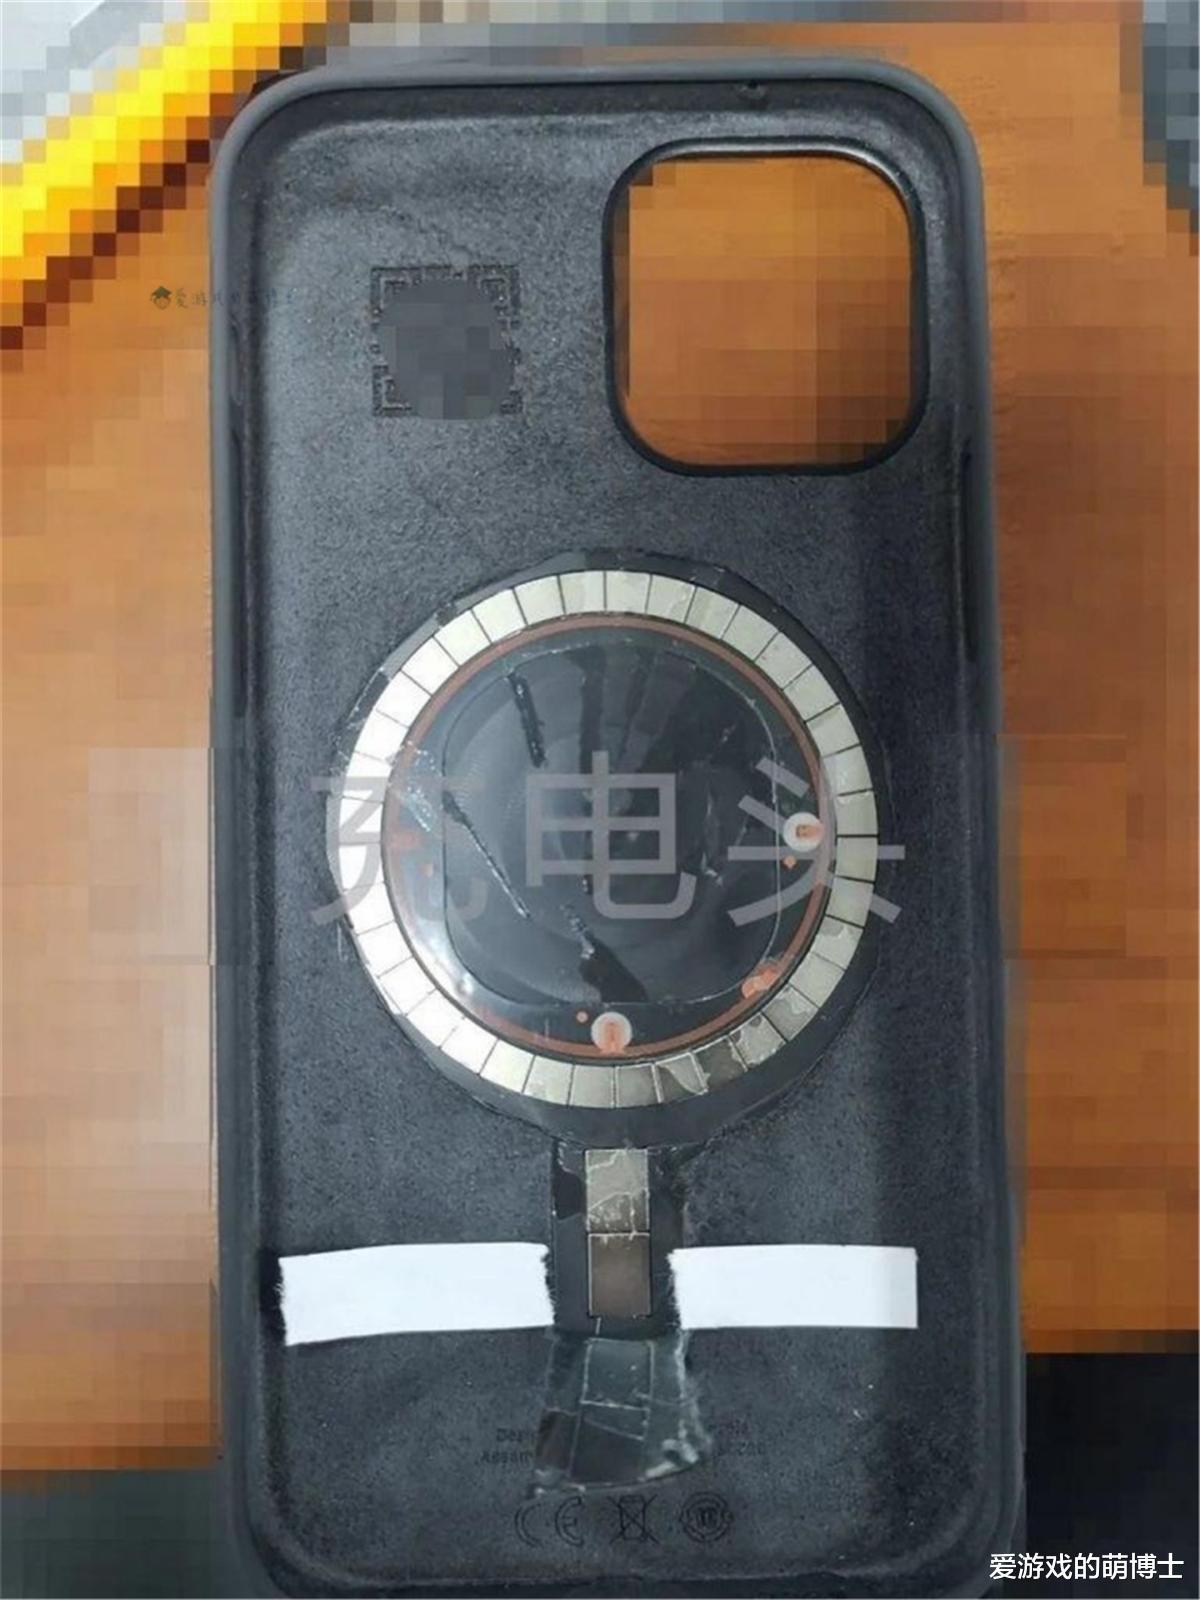 手机外观等等细节与之前的传闻吻合,iPhone 12的真机外壳被曝光